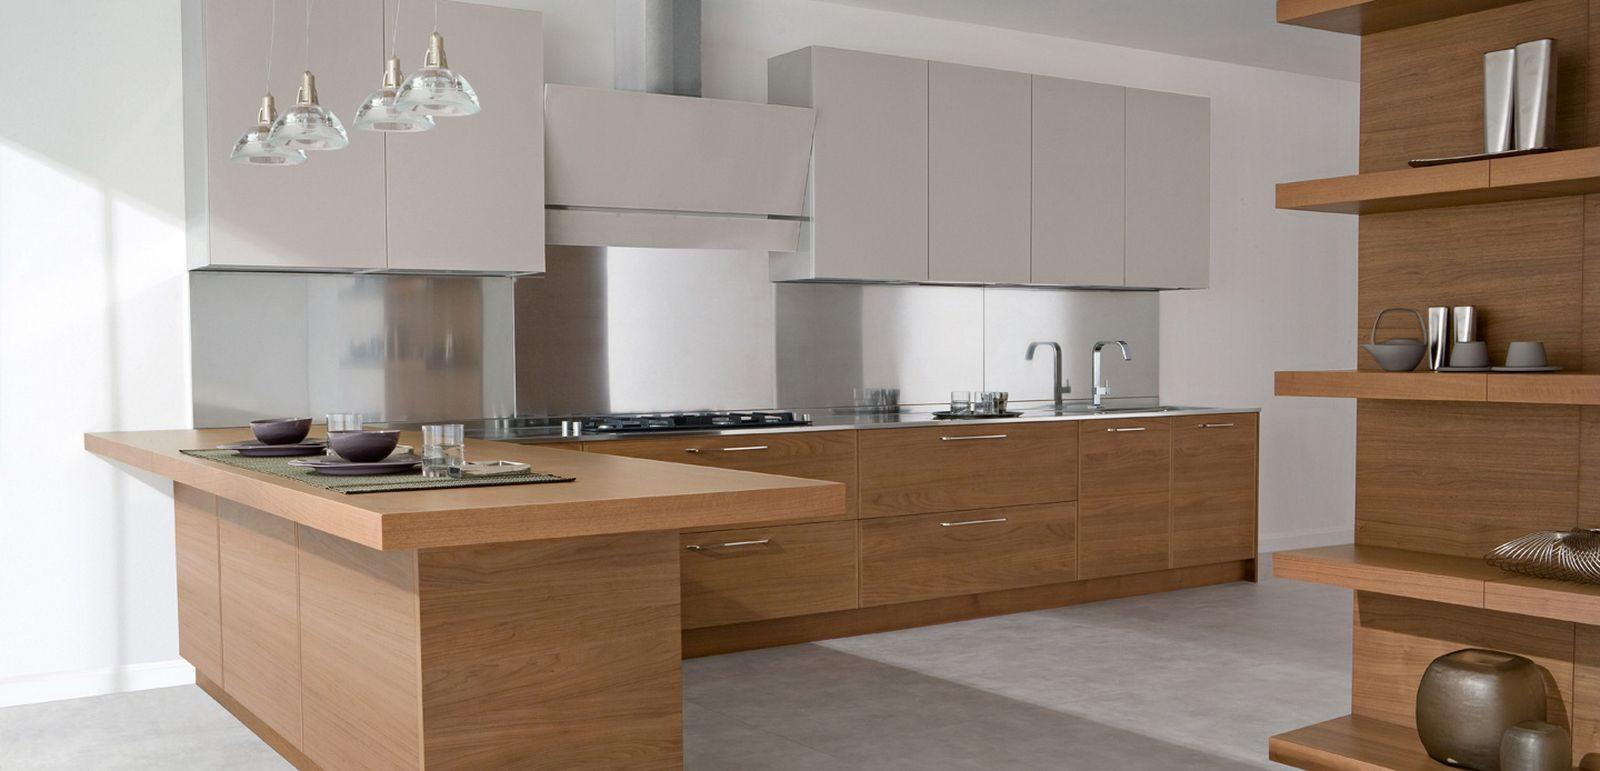 muebles-de-cocina-modernos « Realty World